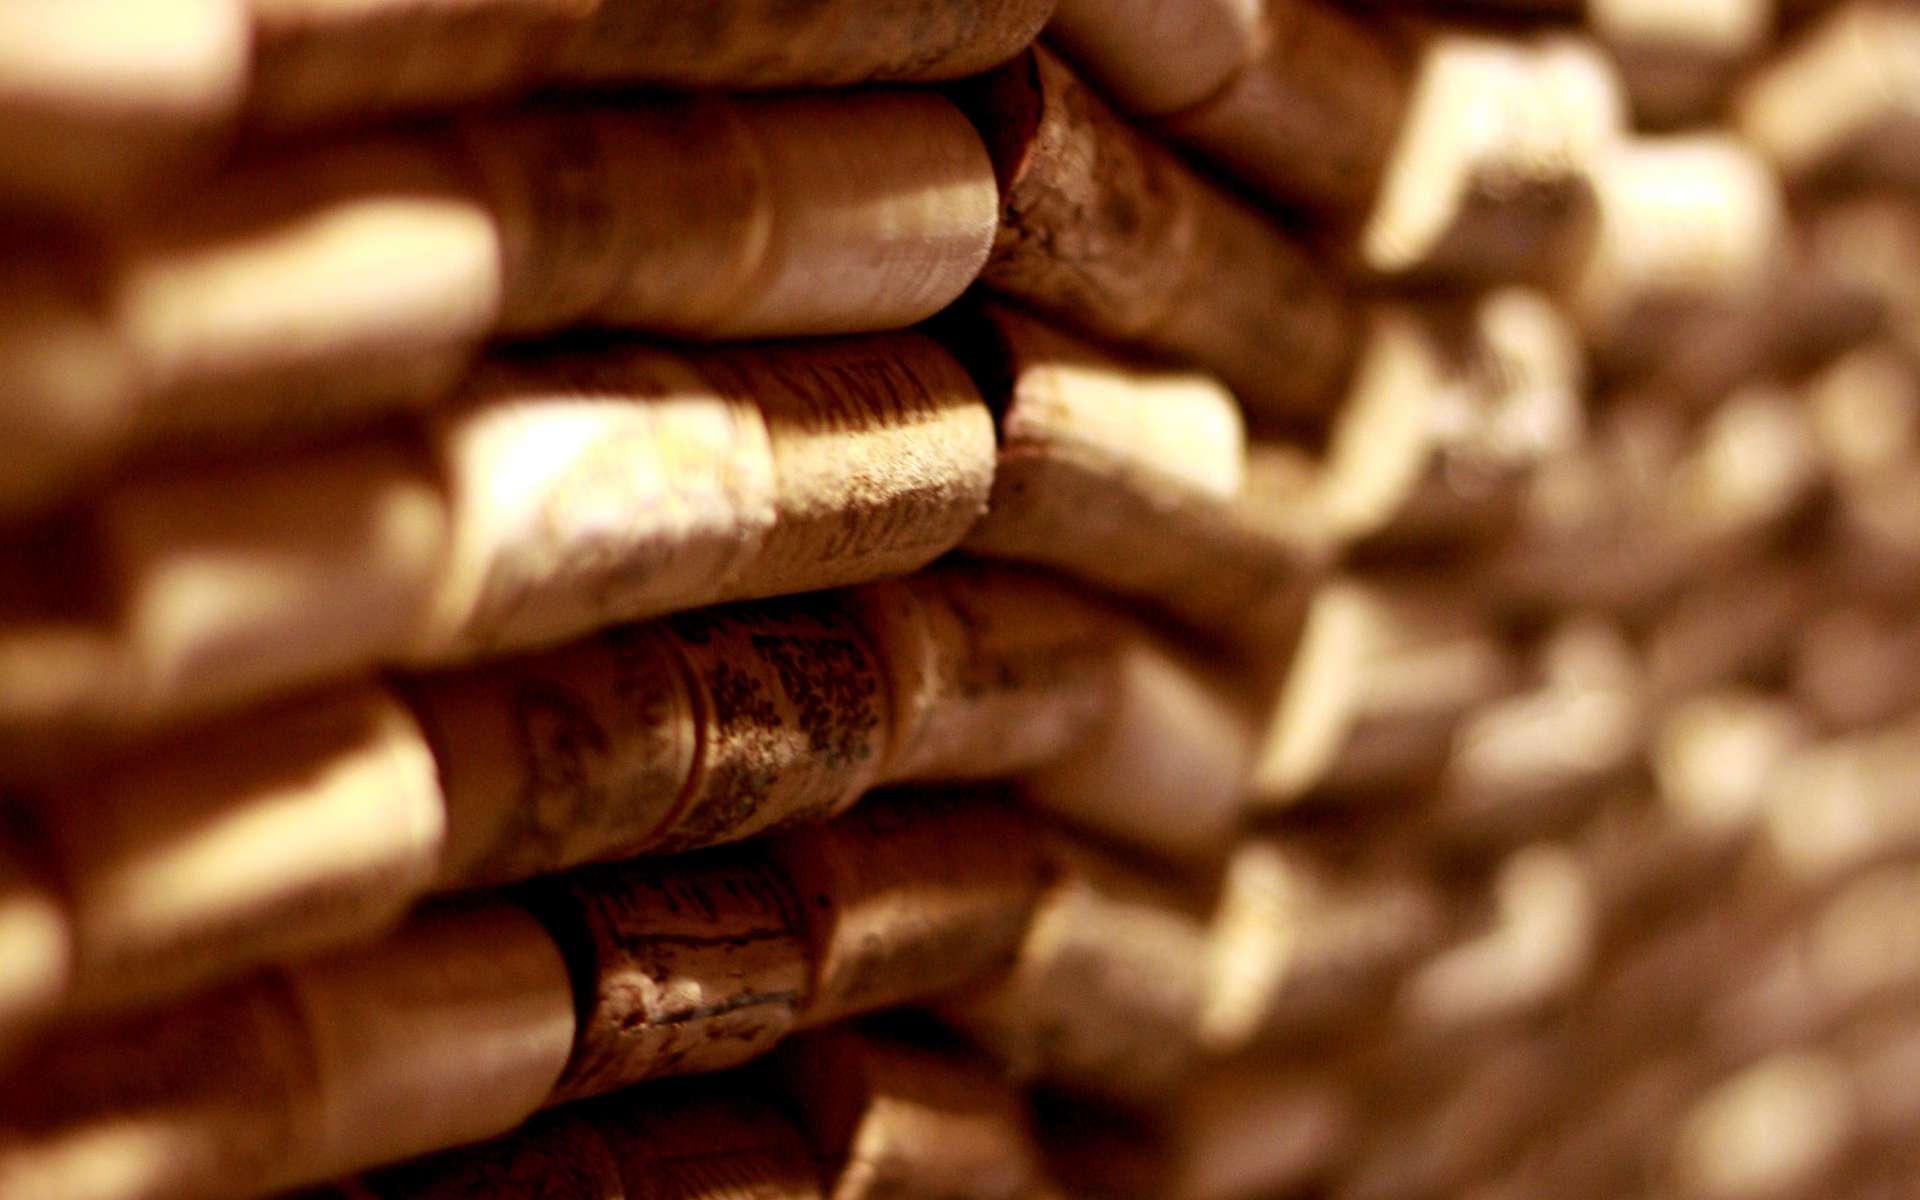 La fabrication de bouchons en liège est un processus de longue haleine. © melyttg, Flickr, CC by-nc-nd 2.0